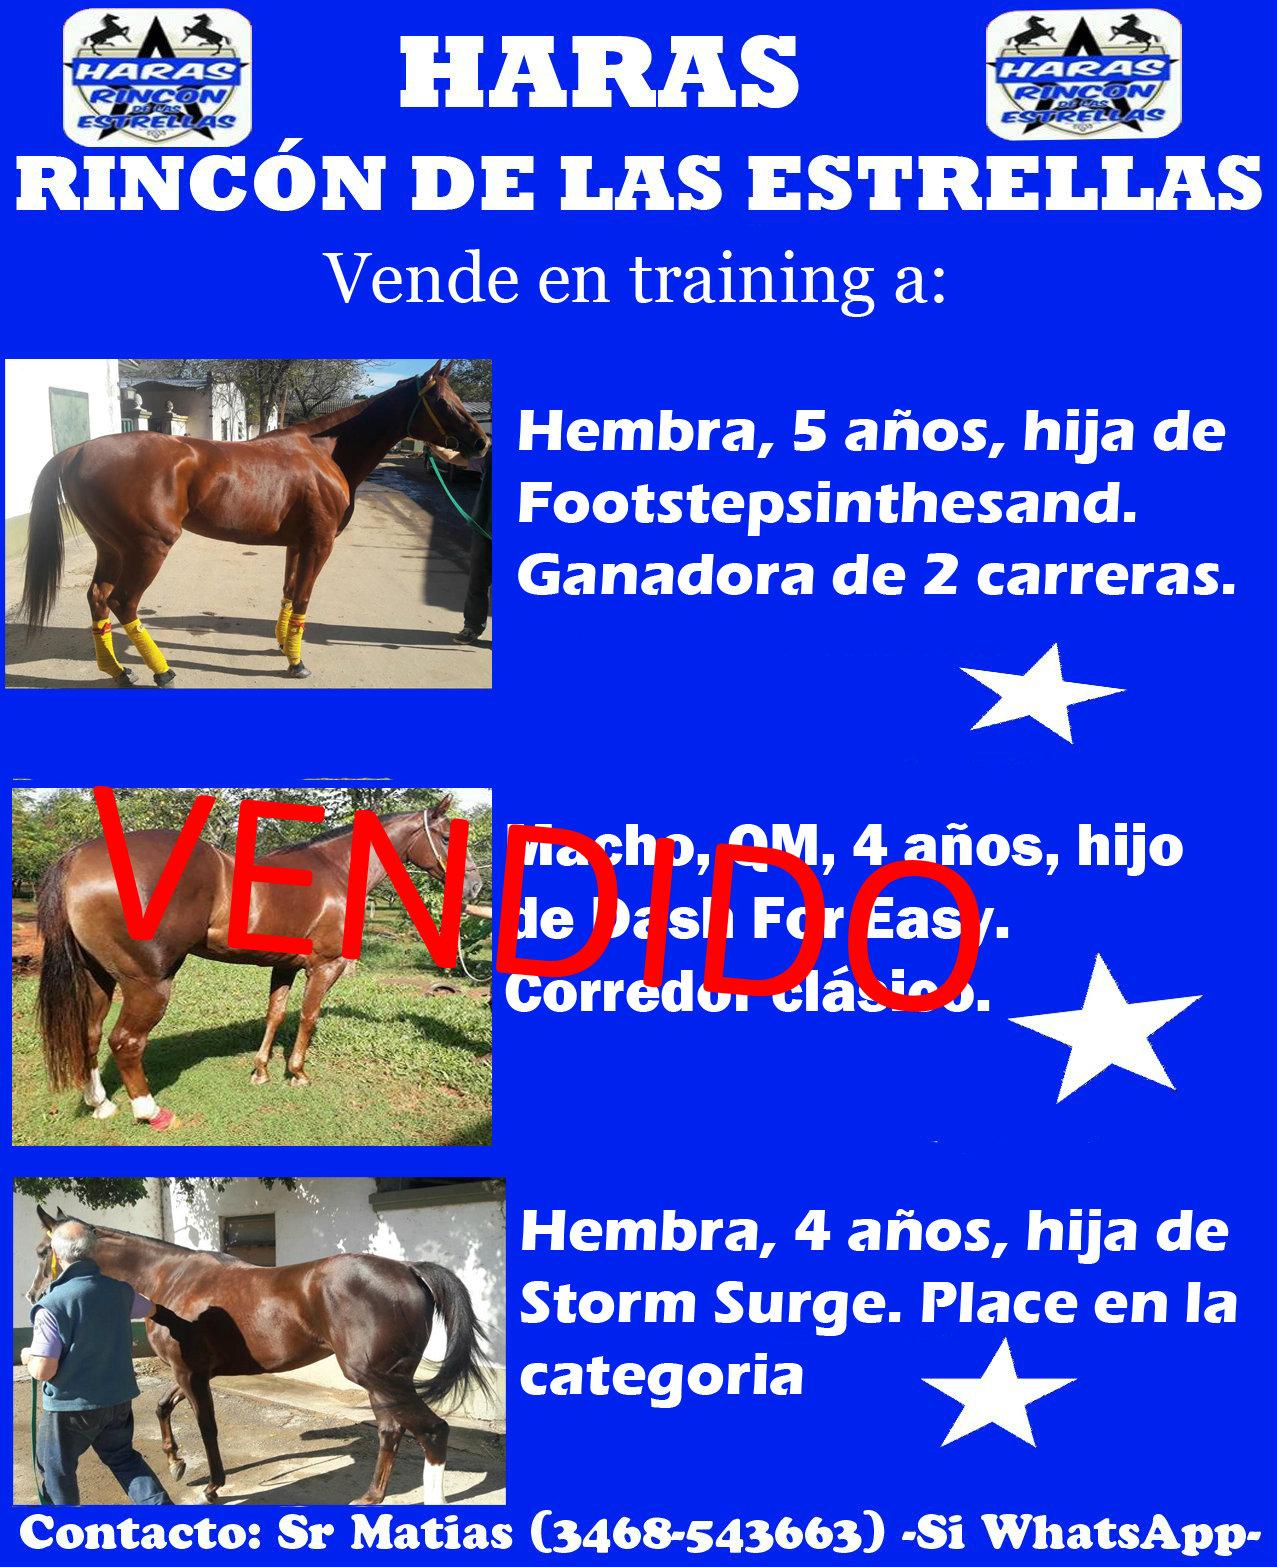 HS RINCON DE LAS ESTRELLAS VTA